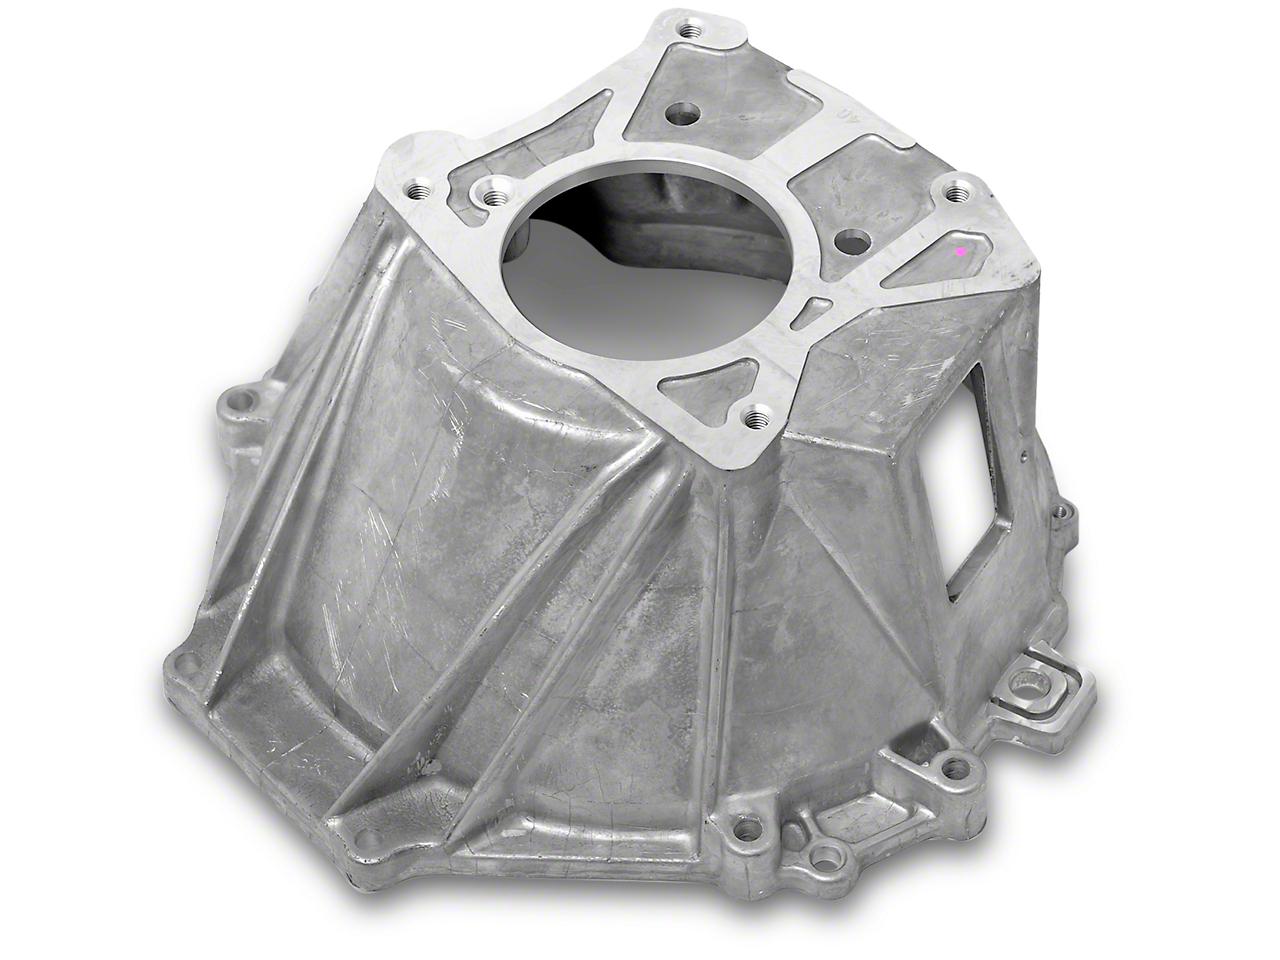 Ford Performance T-5 Bellhousing (79-93 5.0L, 5.8L)